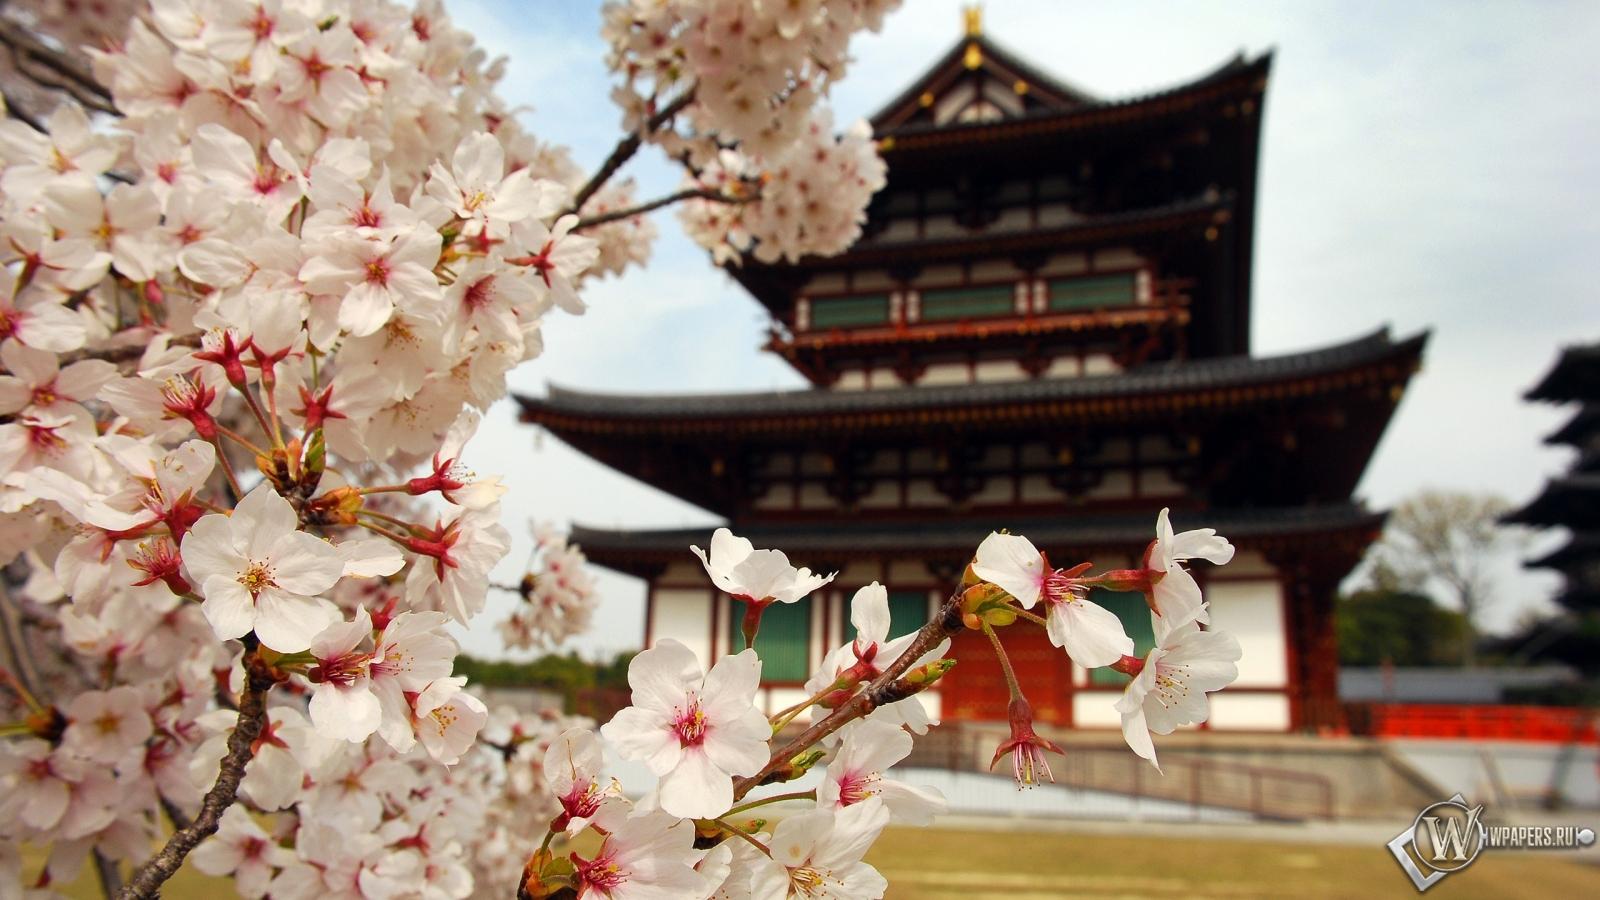 Пагода в Японии 1600x900